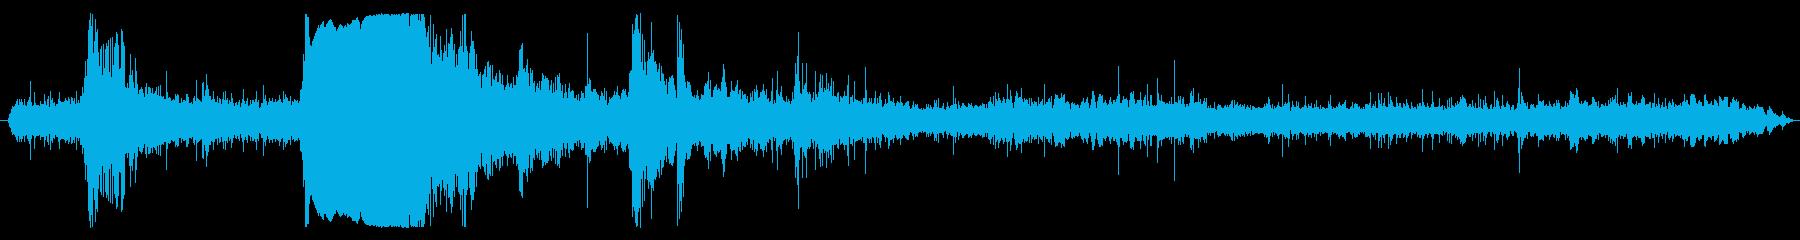 近くで雷が落ちる音(バーン!ゴロゴロ)の再生済みの波形